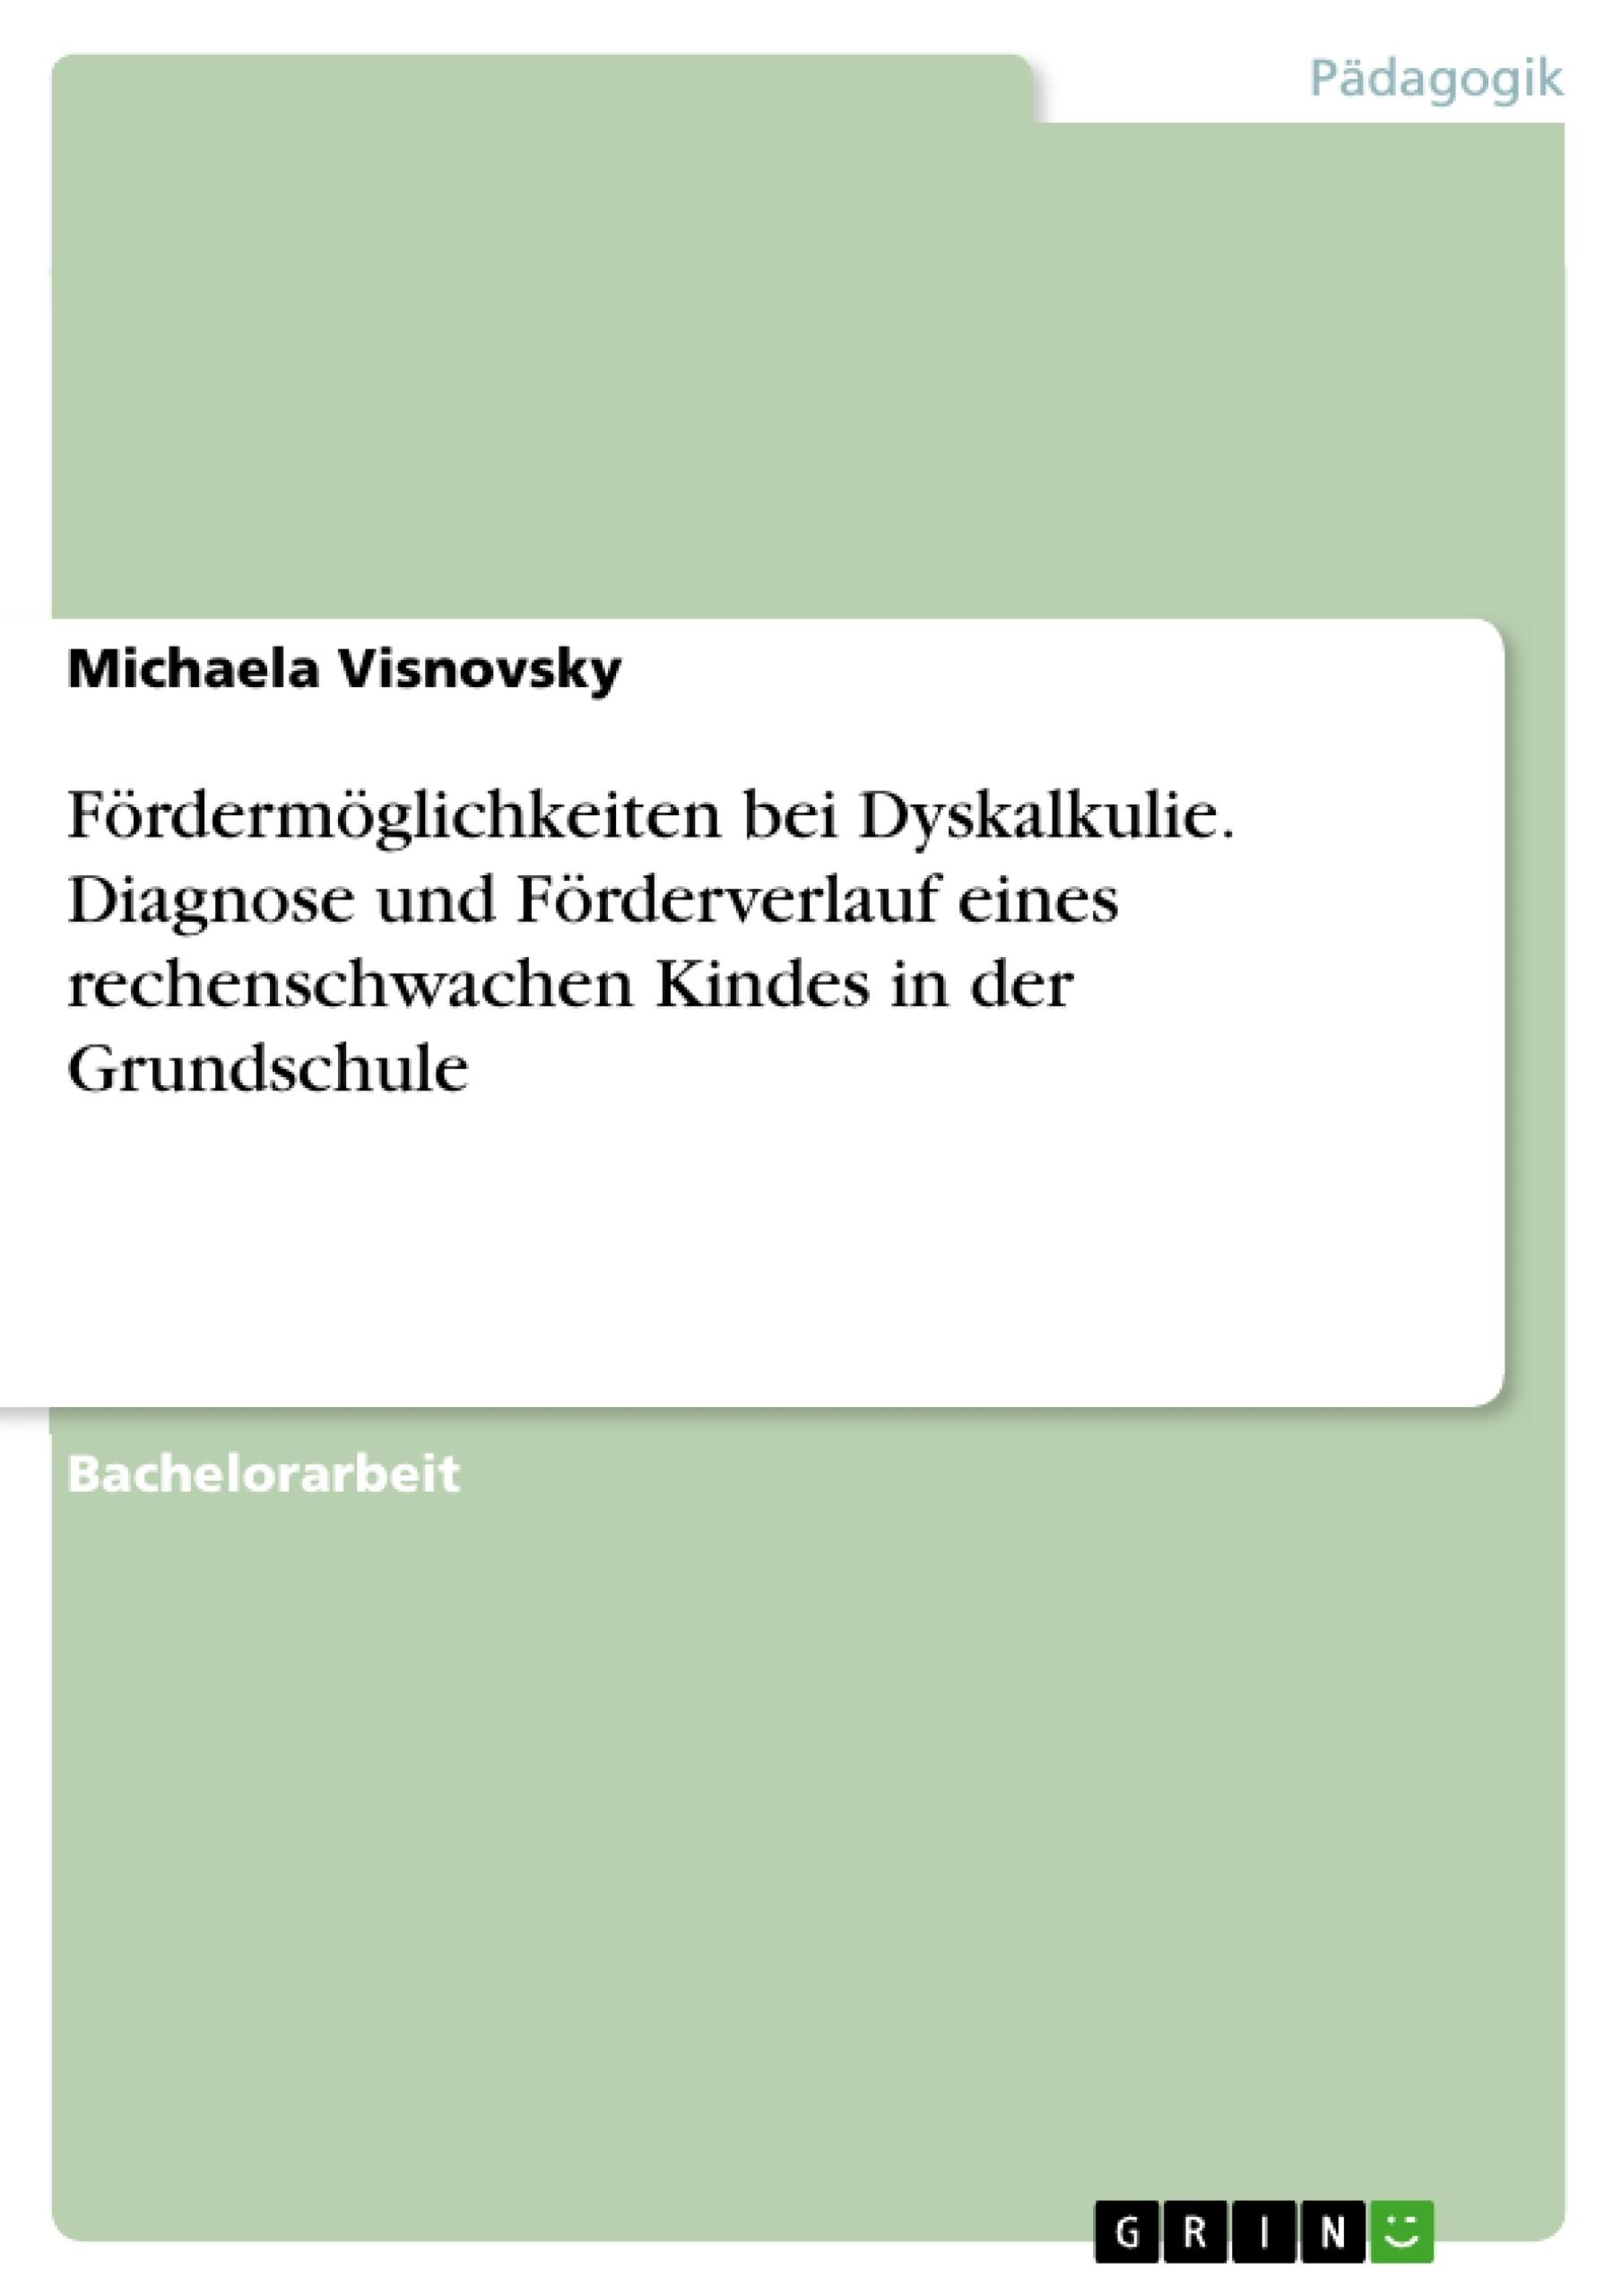 Titel: Fördermöglichkeiten bei Dyskalkulie. Diagnose und Förderverlauf eines rechenschwachen Kindes in der Grundschule